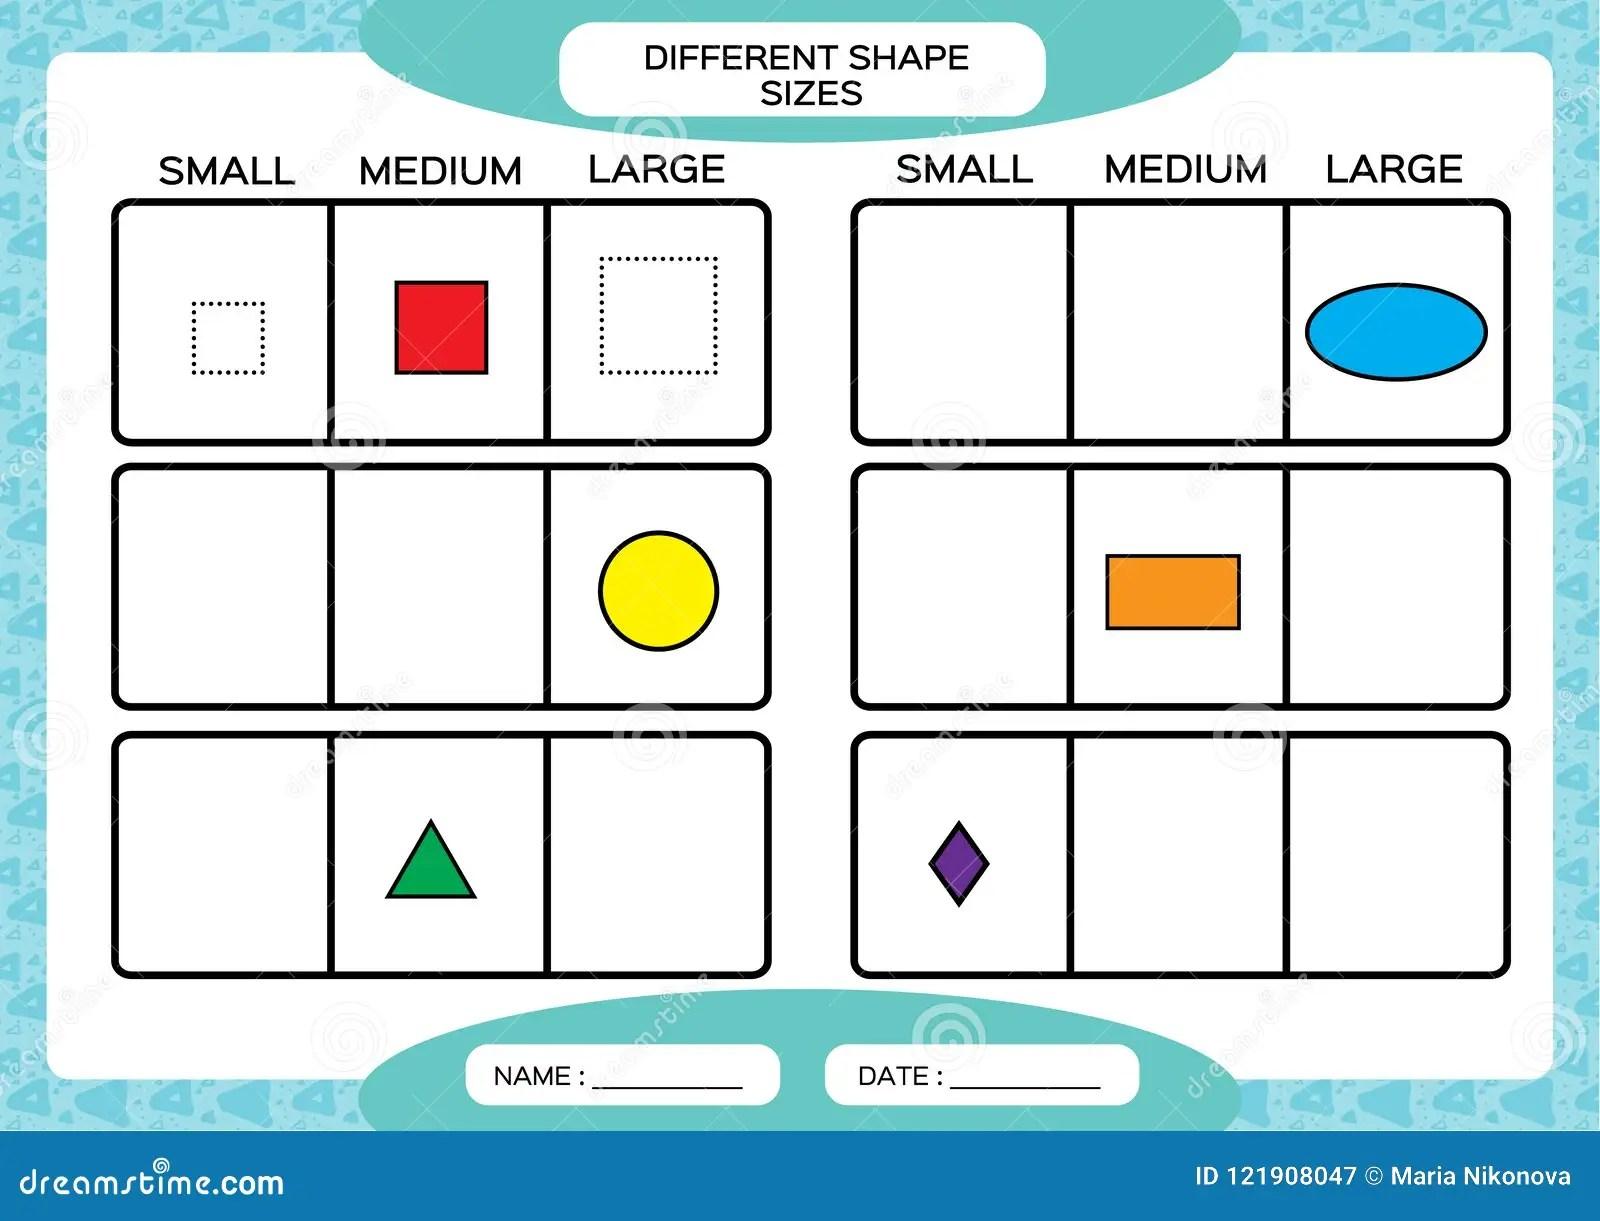 Diversos Tamanos De La Forma Pequeno Medio Grande Aprendizaje De Dimensiones De Una Variable